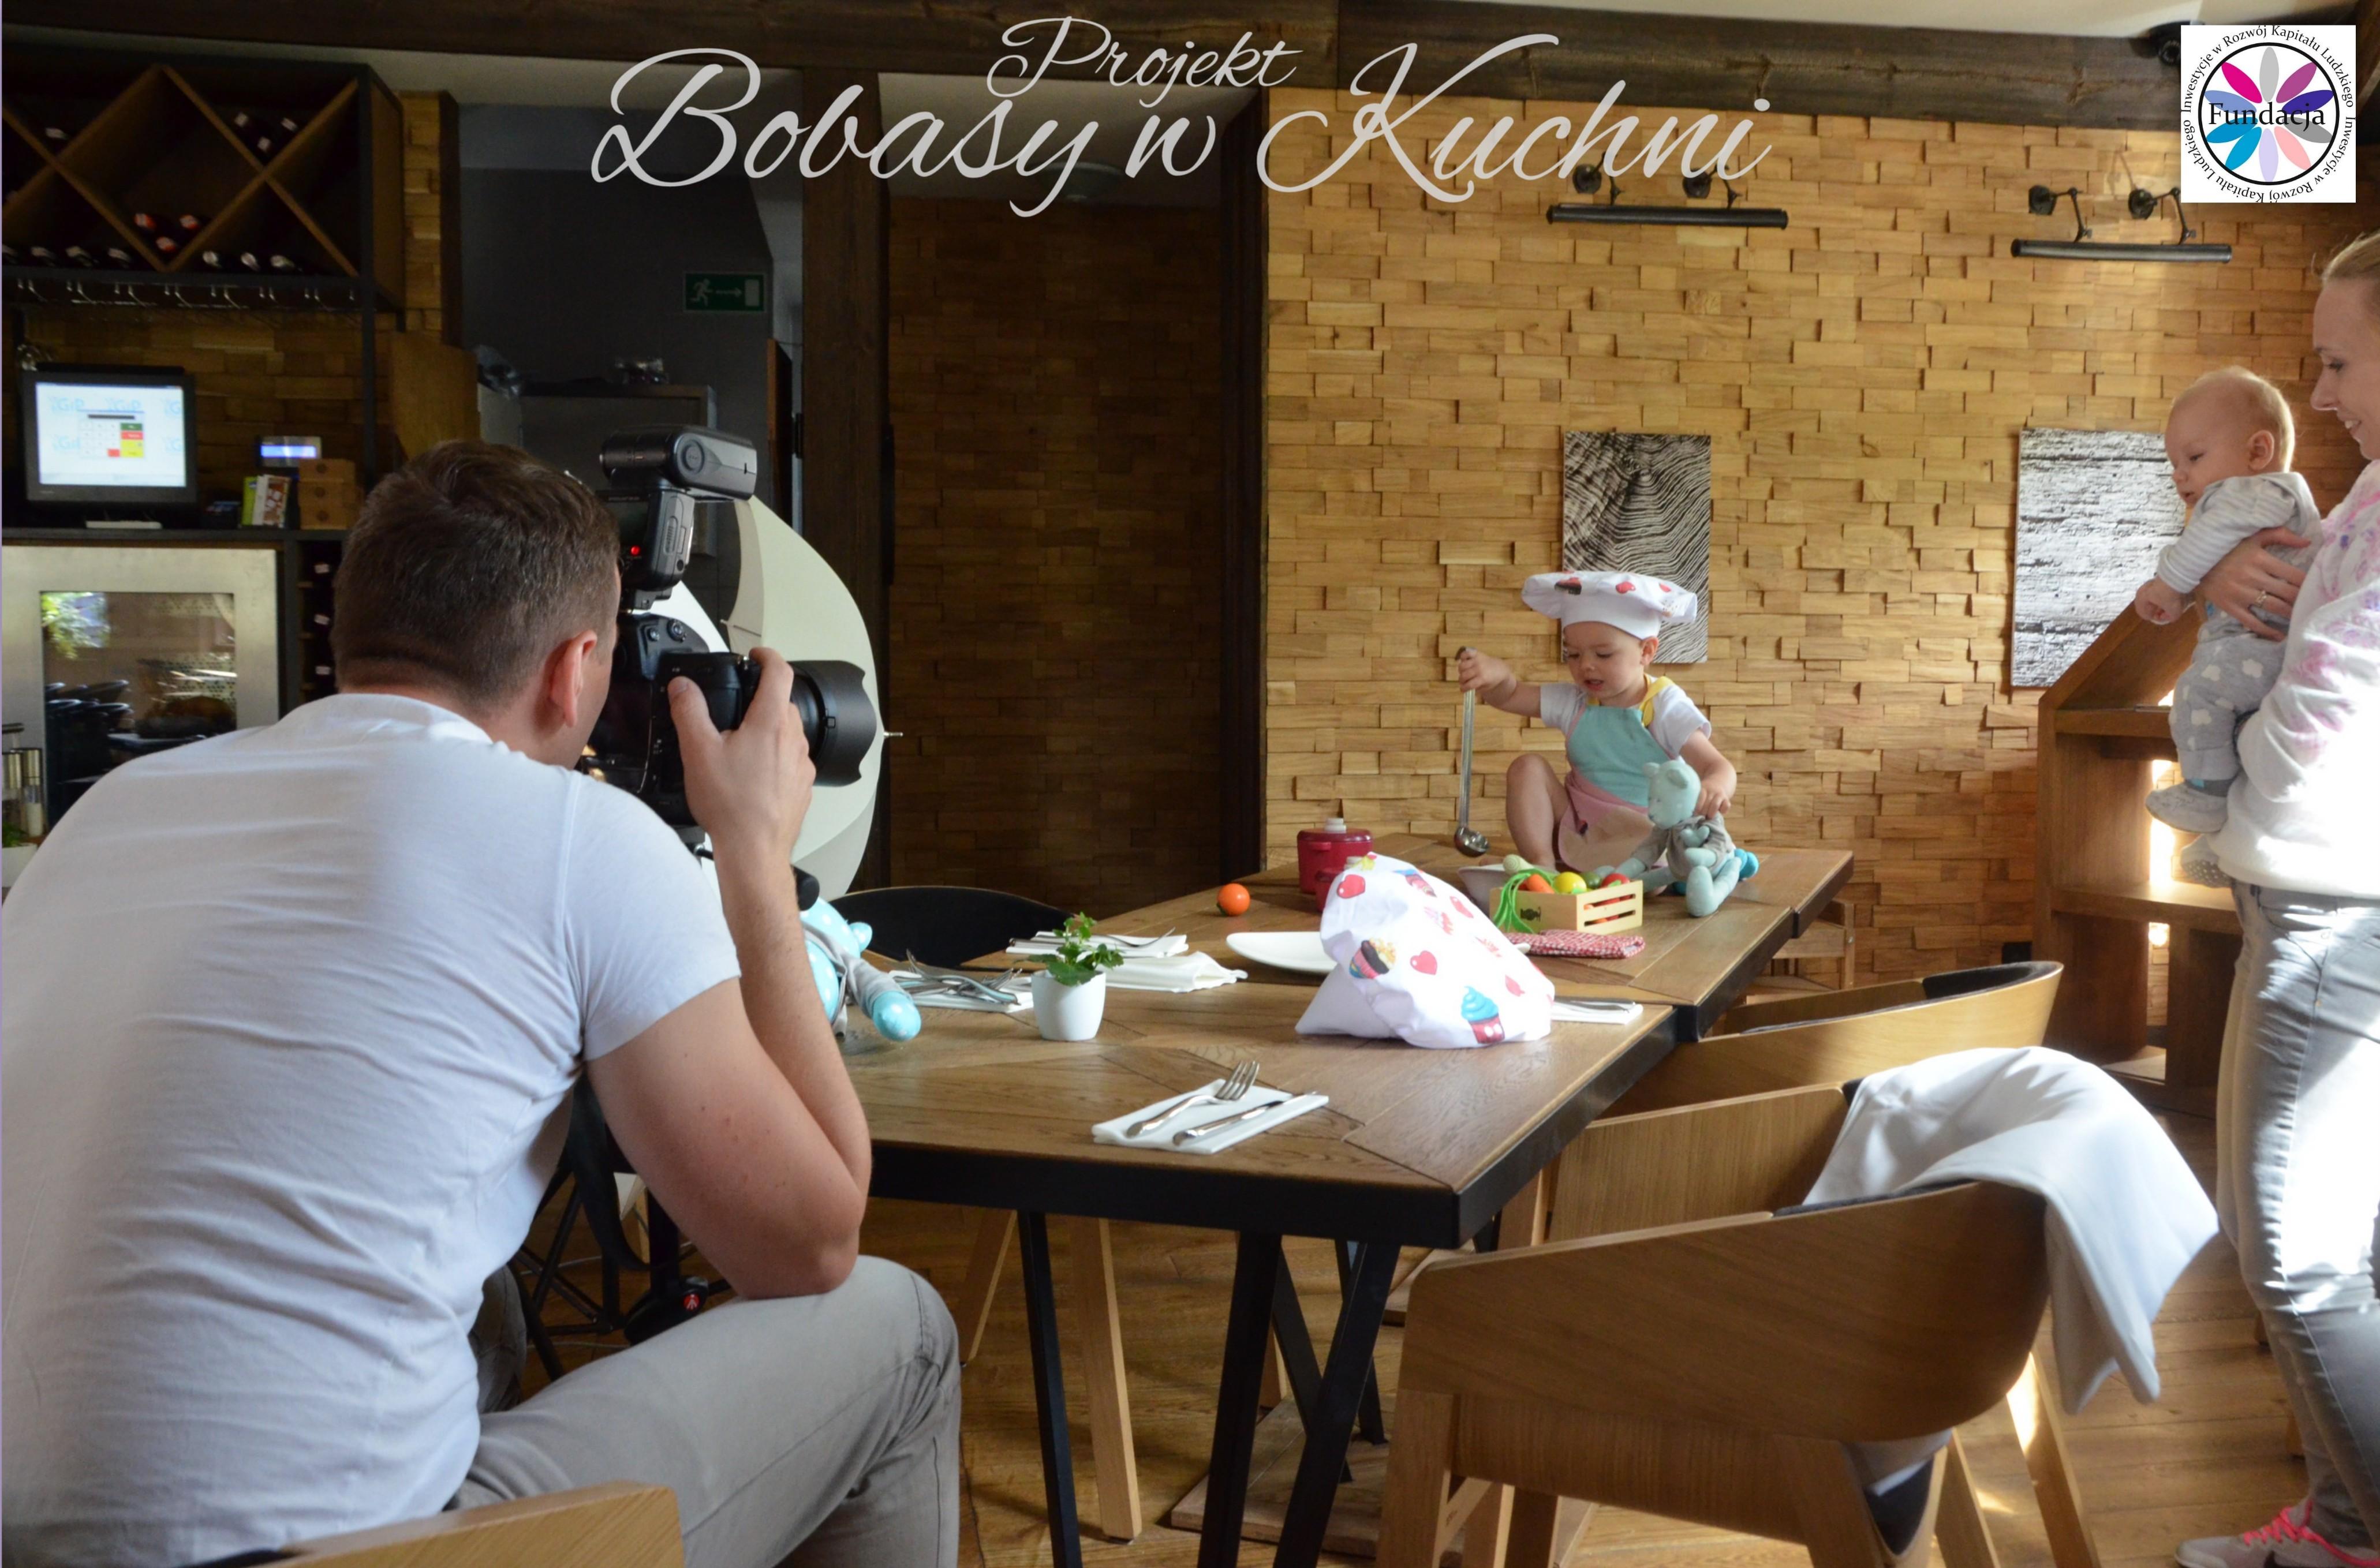 Robert Kaczmarski z Lenką do projektu Bobasy w kuchni sesja14